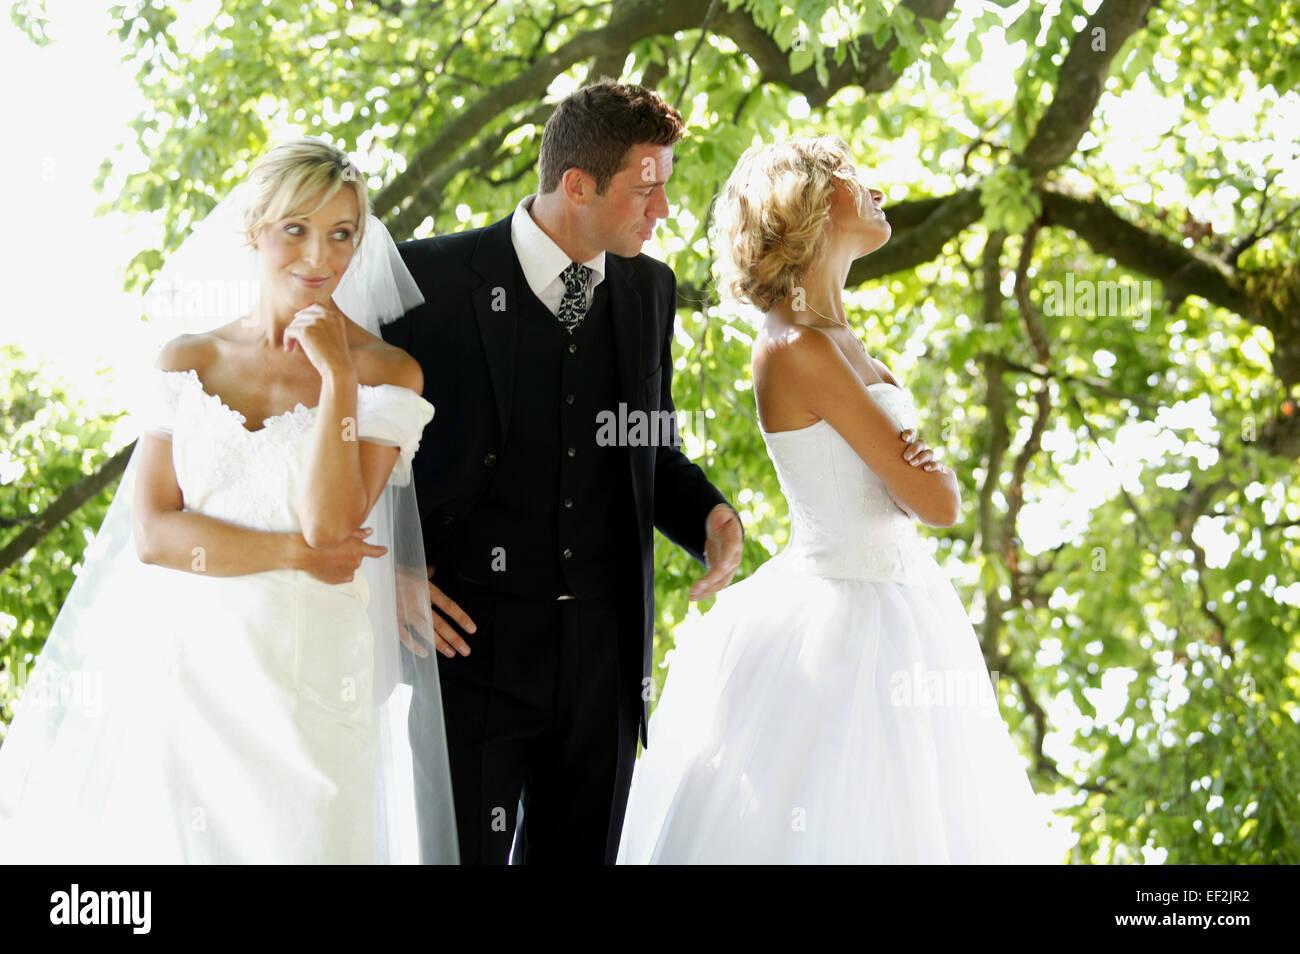 Er sucht sie heirat